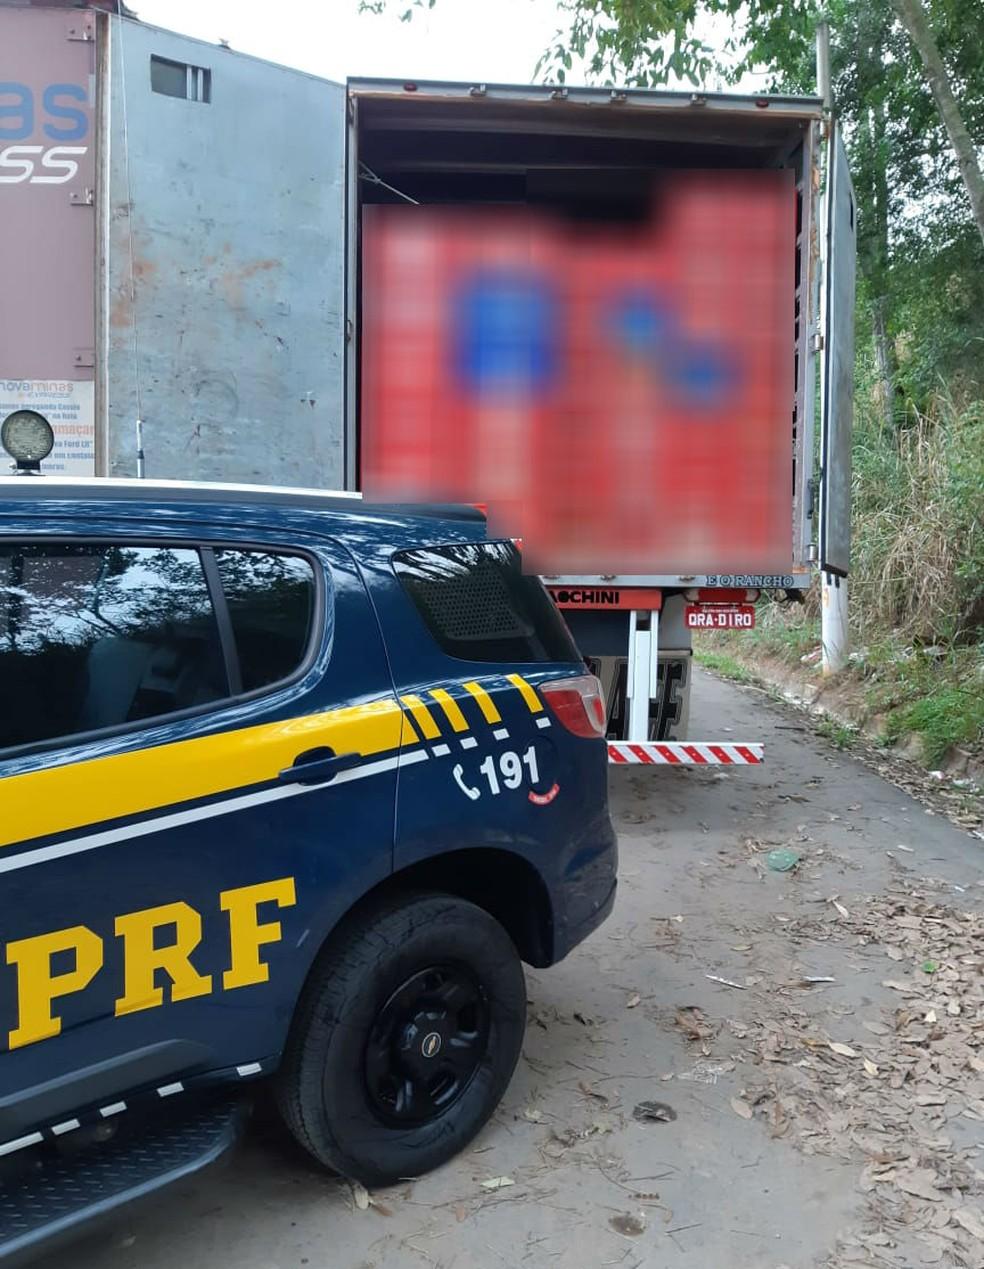 Polícia apreendeu caminhão com 600 caixas de cerveja — Foto: Polícia Rodoviária Federal/ Divulgação